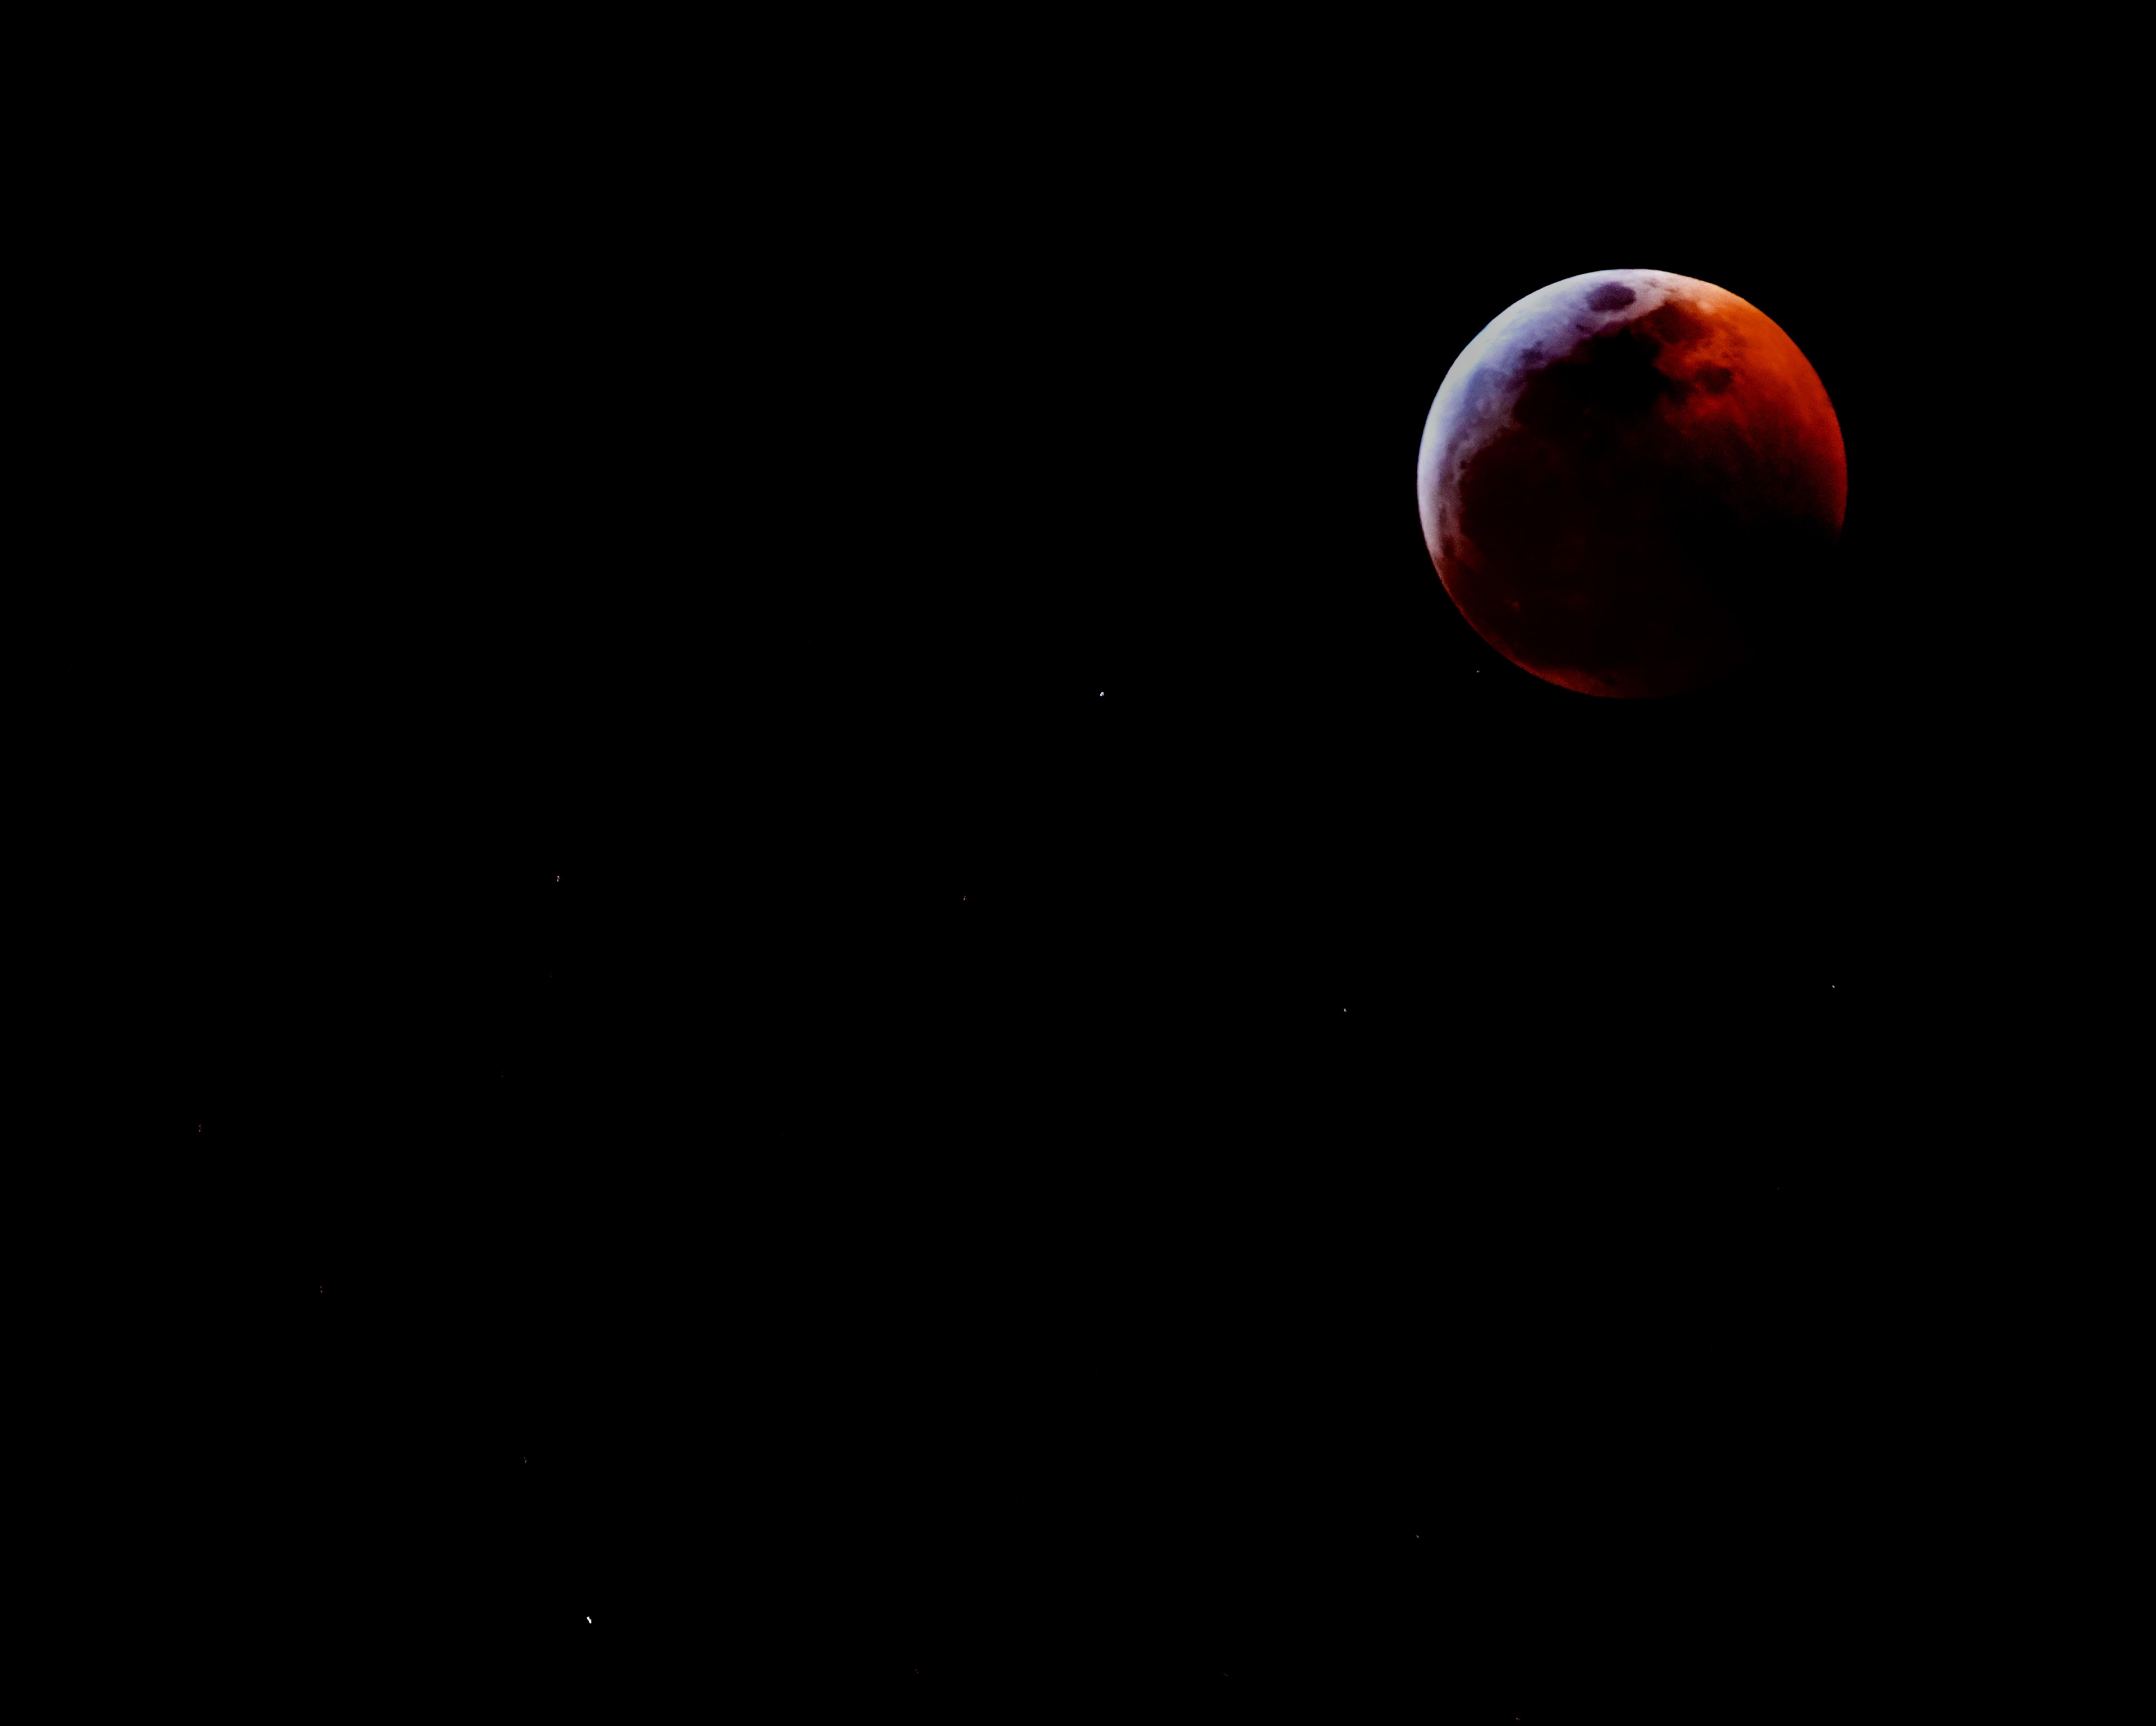 Blood moon over Texas